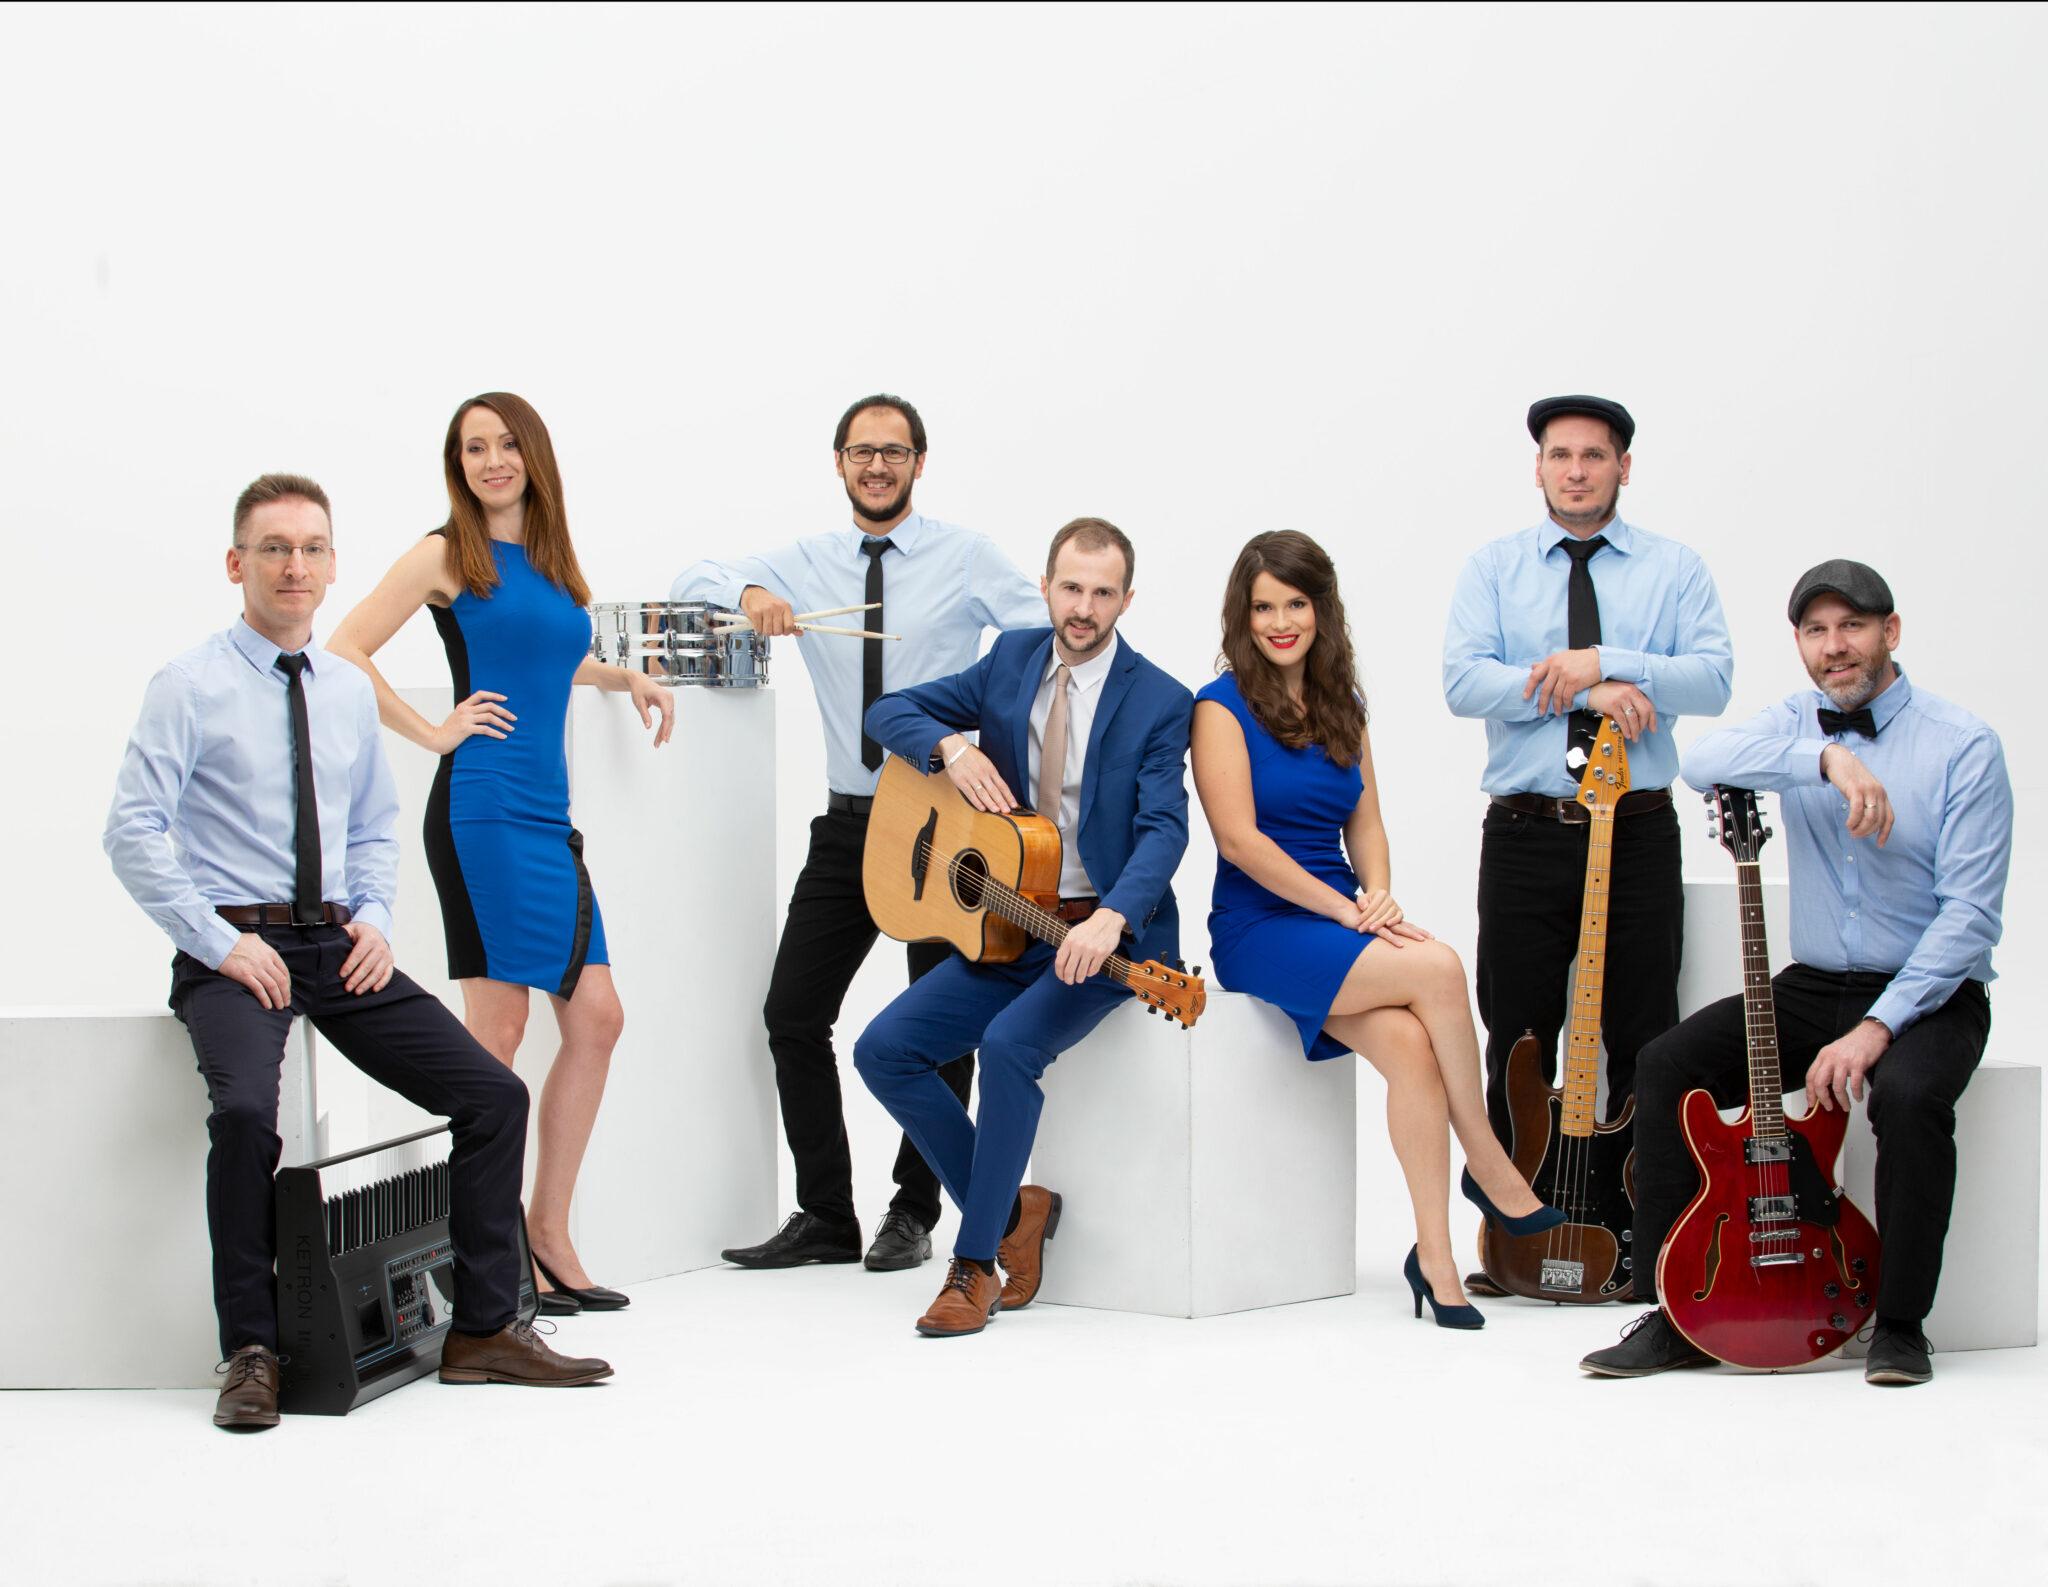 Budapest Showtime │ Prémium Zenekar Esküvői és céges rendezvényre │ 100% Élőzene 3